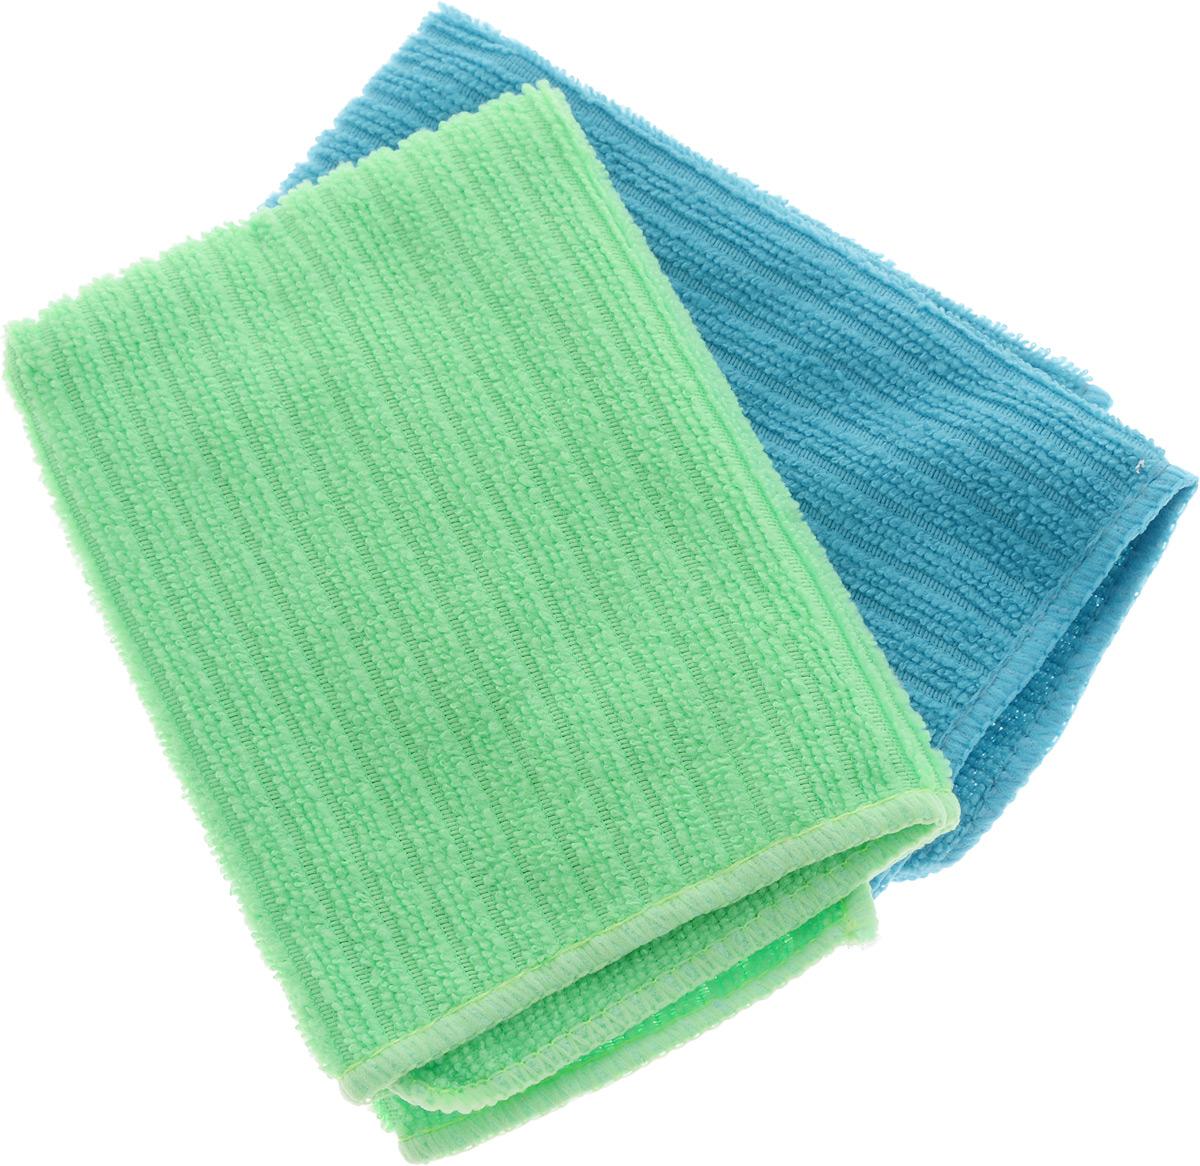 Салфетка из микрофибры Home Queen, цвет: бирюзовый, салатовый, 30 х 30 см, 2 штTF-14AU-12Салфетка Home Queen изготовлена из микрофибры (100% полиэстер). Это великолепная гипоаллергенная ткань, изготовленная из тончайших полимерных микроволокон. Салфетка из микрофибры может поглощать количество пыли и влаги, в 7 раз превышающее ее собственный вес. Многочисленные поры между микроволокнами, благодаря капиллярному эффекту, мгновенно впитывают воду, подобно губке. Благодаря мелким порам микроволокна, любые капельки, остающиеся на чистящей поверхности, очень быстро испаряются, и остается чистая дорожка без полос и разводов. В сухом виде при вытирании поверхности волокна микрофибры электризуются и притягивают к себе микробов, мельчайшие частицы пыли и грязи, удерживая их в своих микропорах.Размер салфетки: 30 х 30 см.